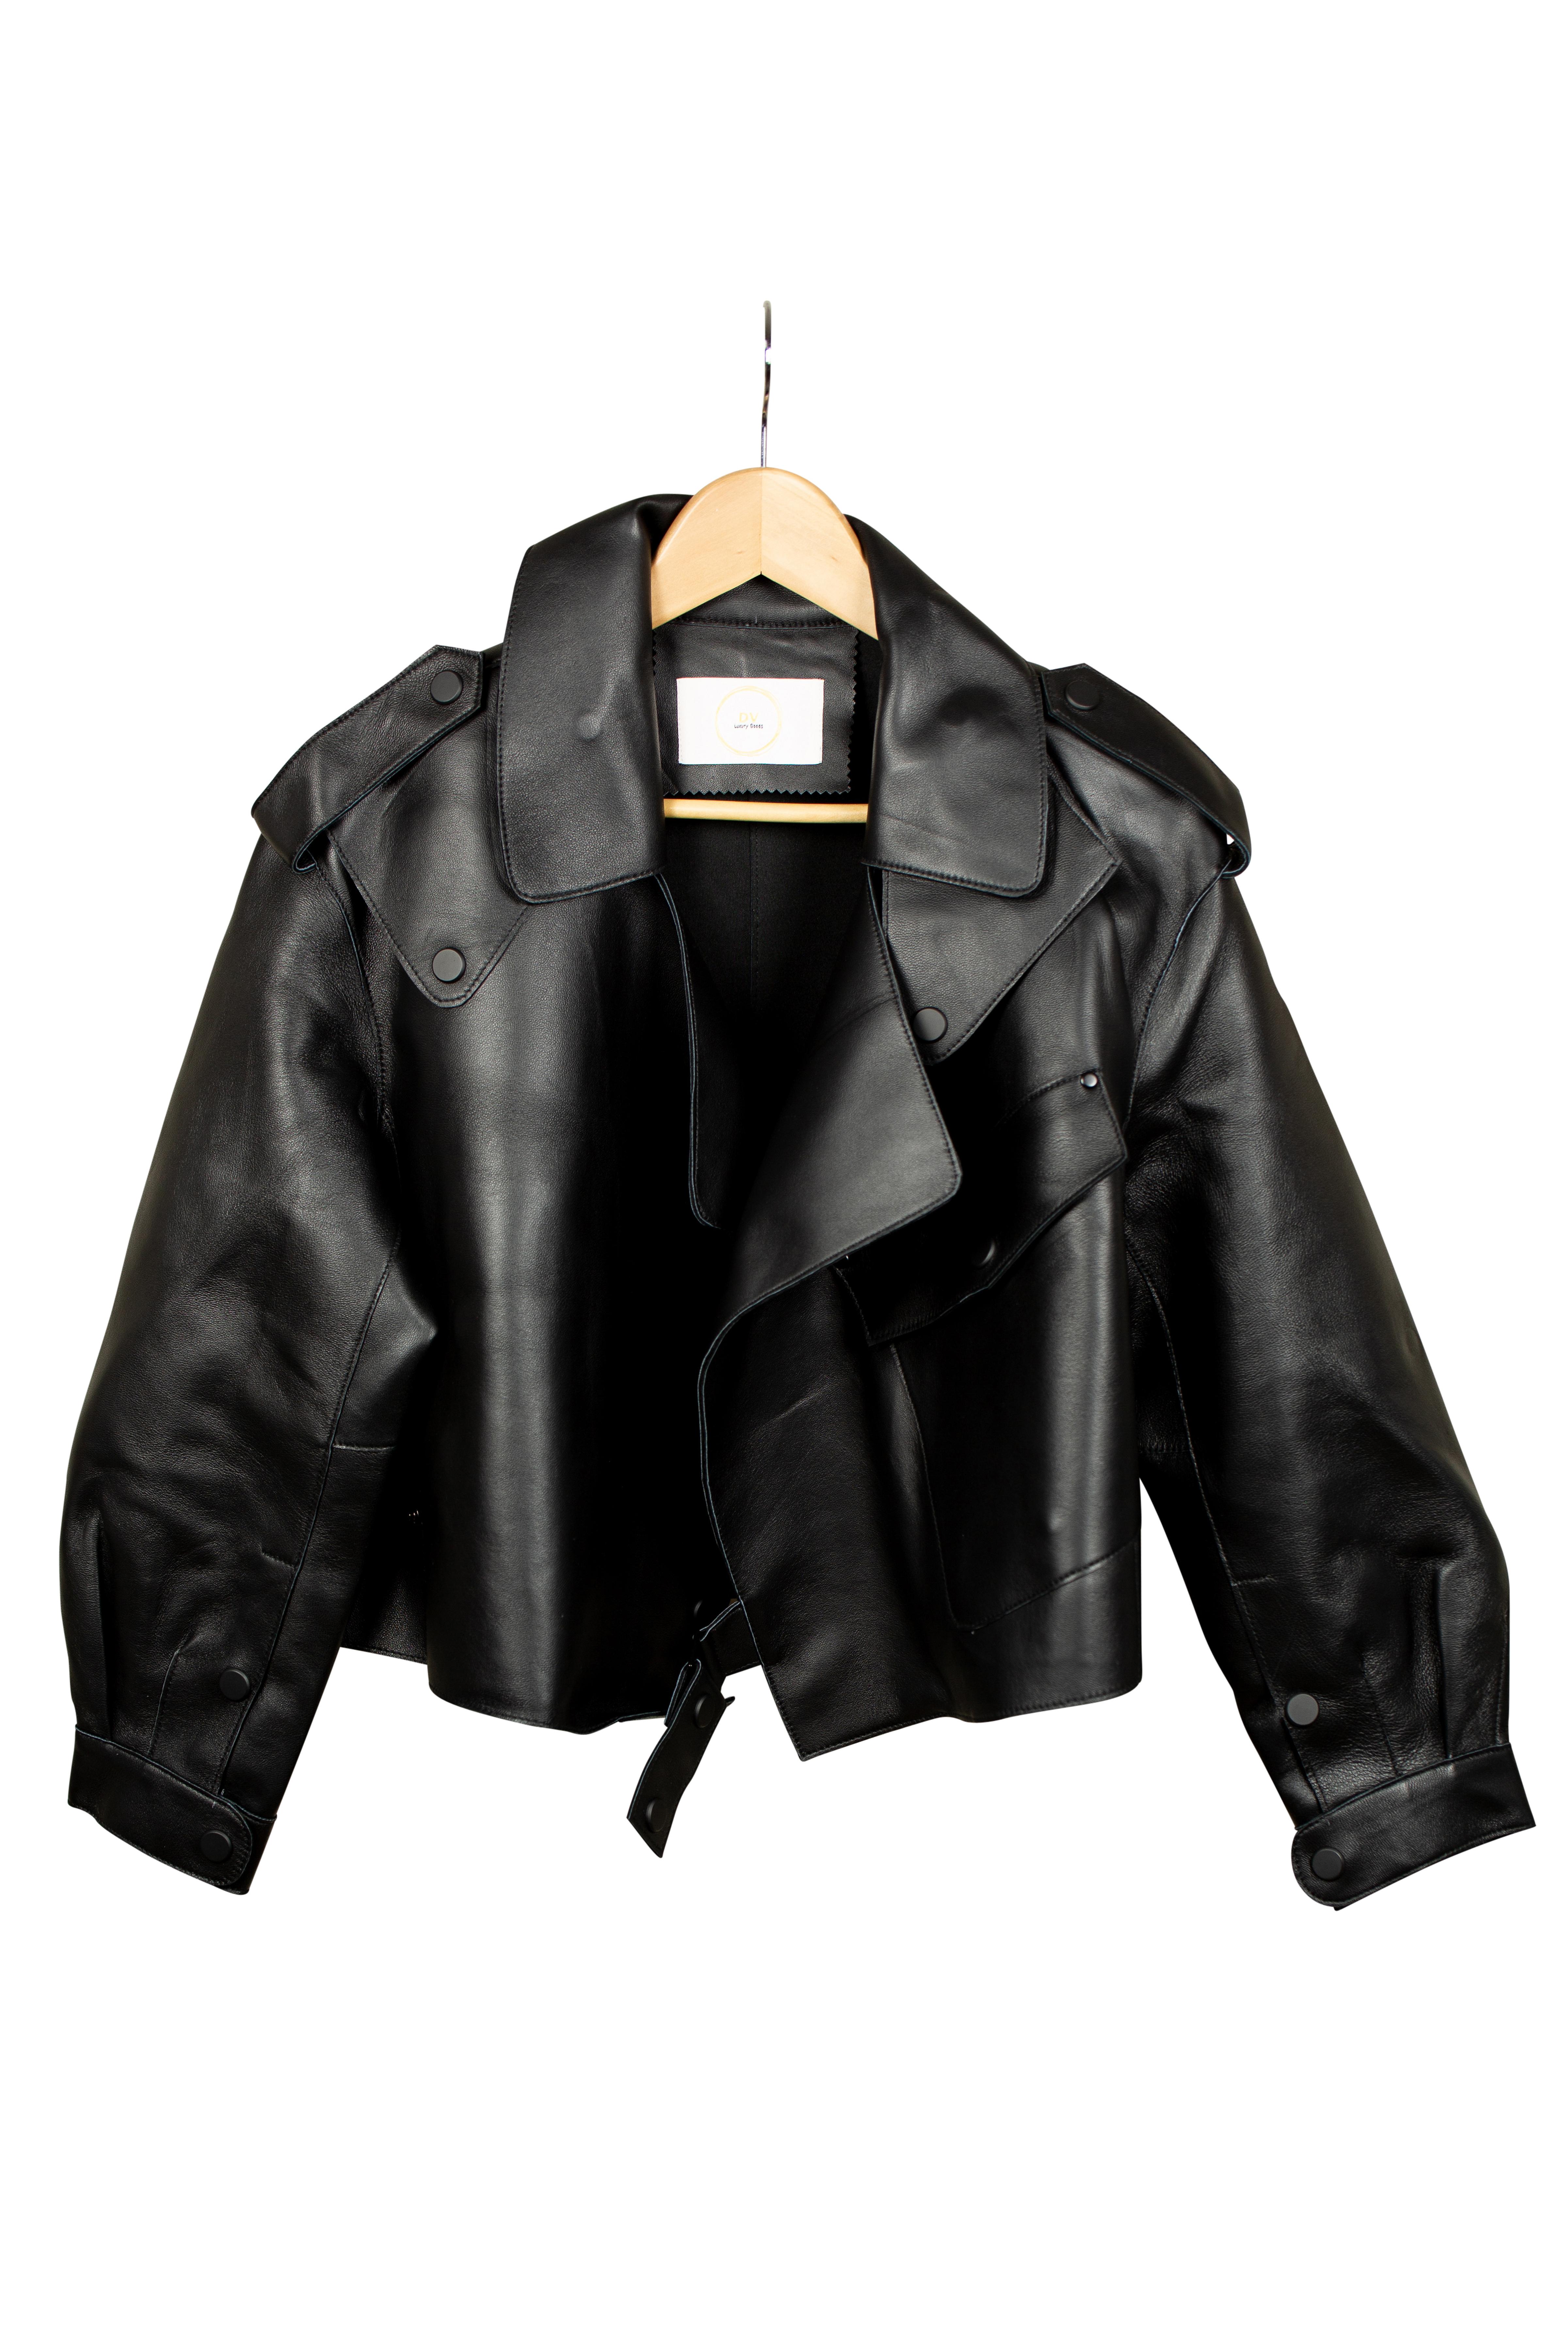 DV Luxury Goods Black Leather Jacket